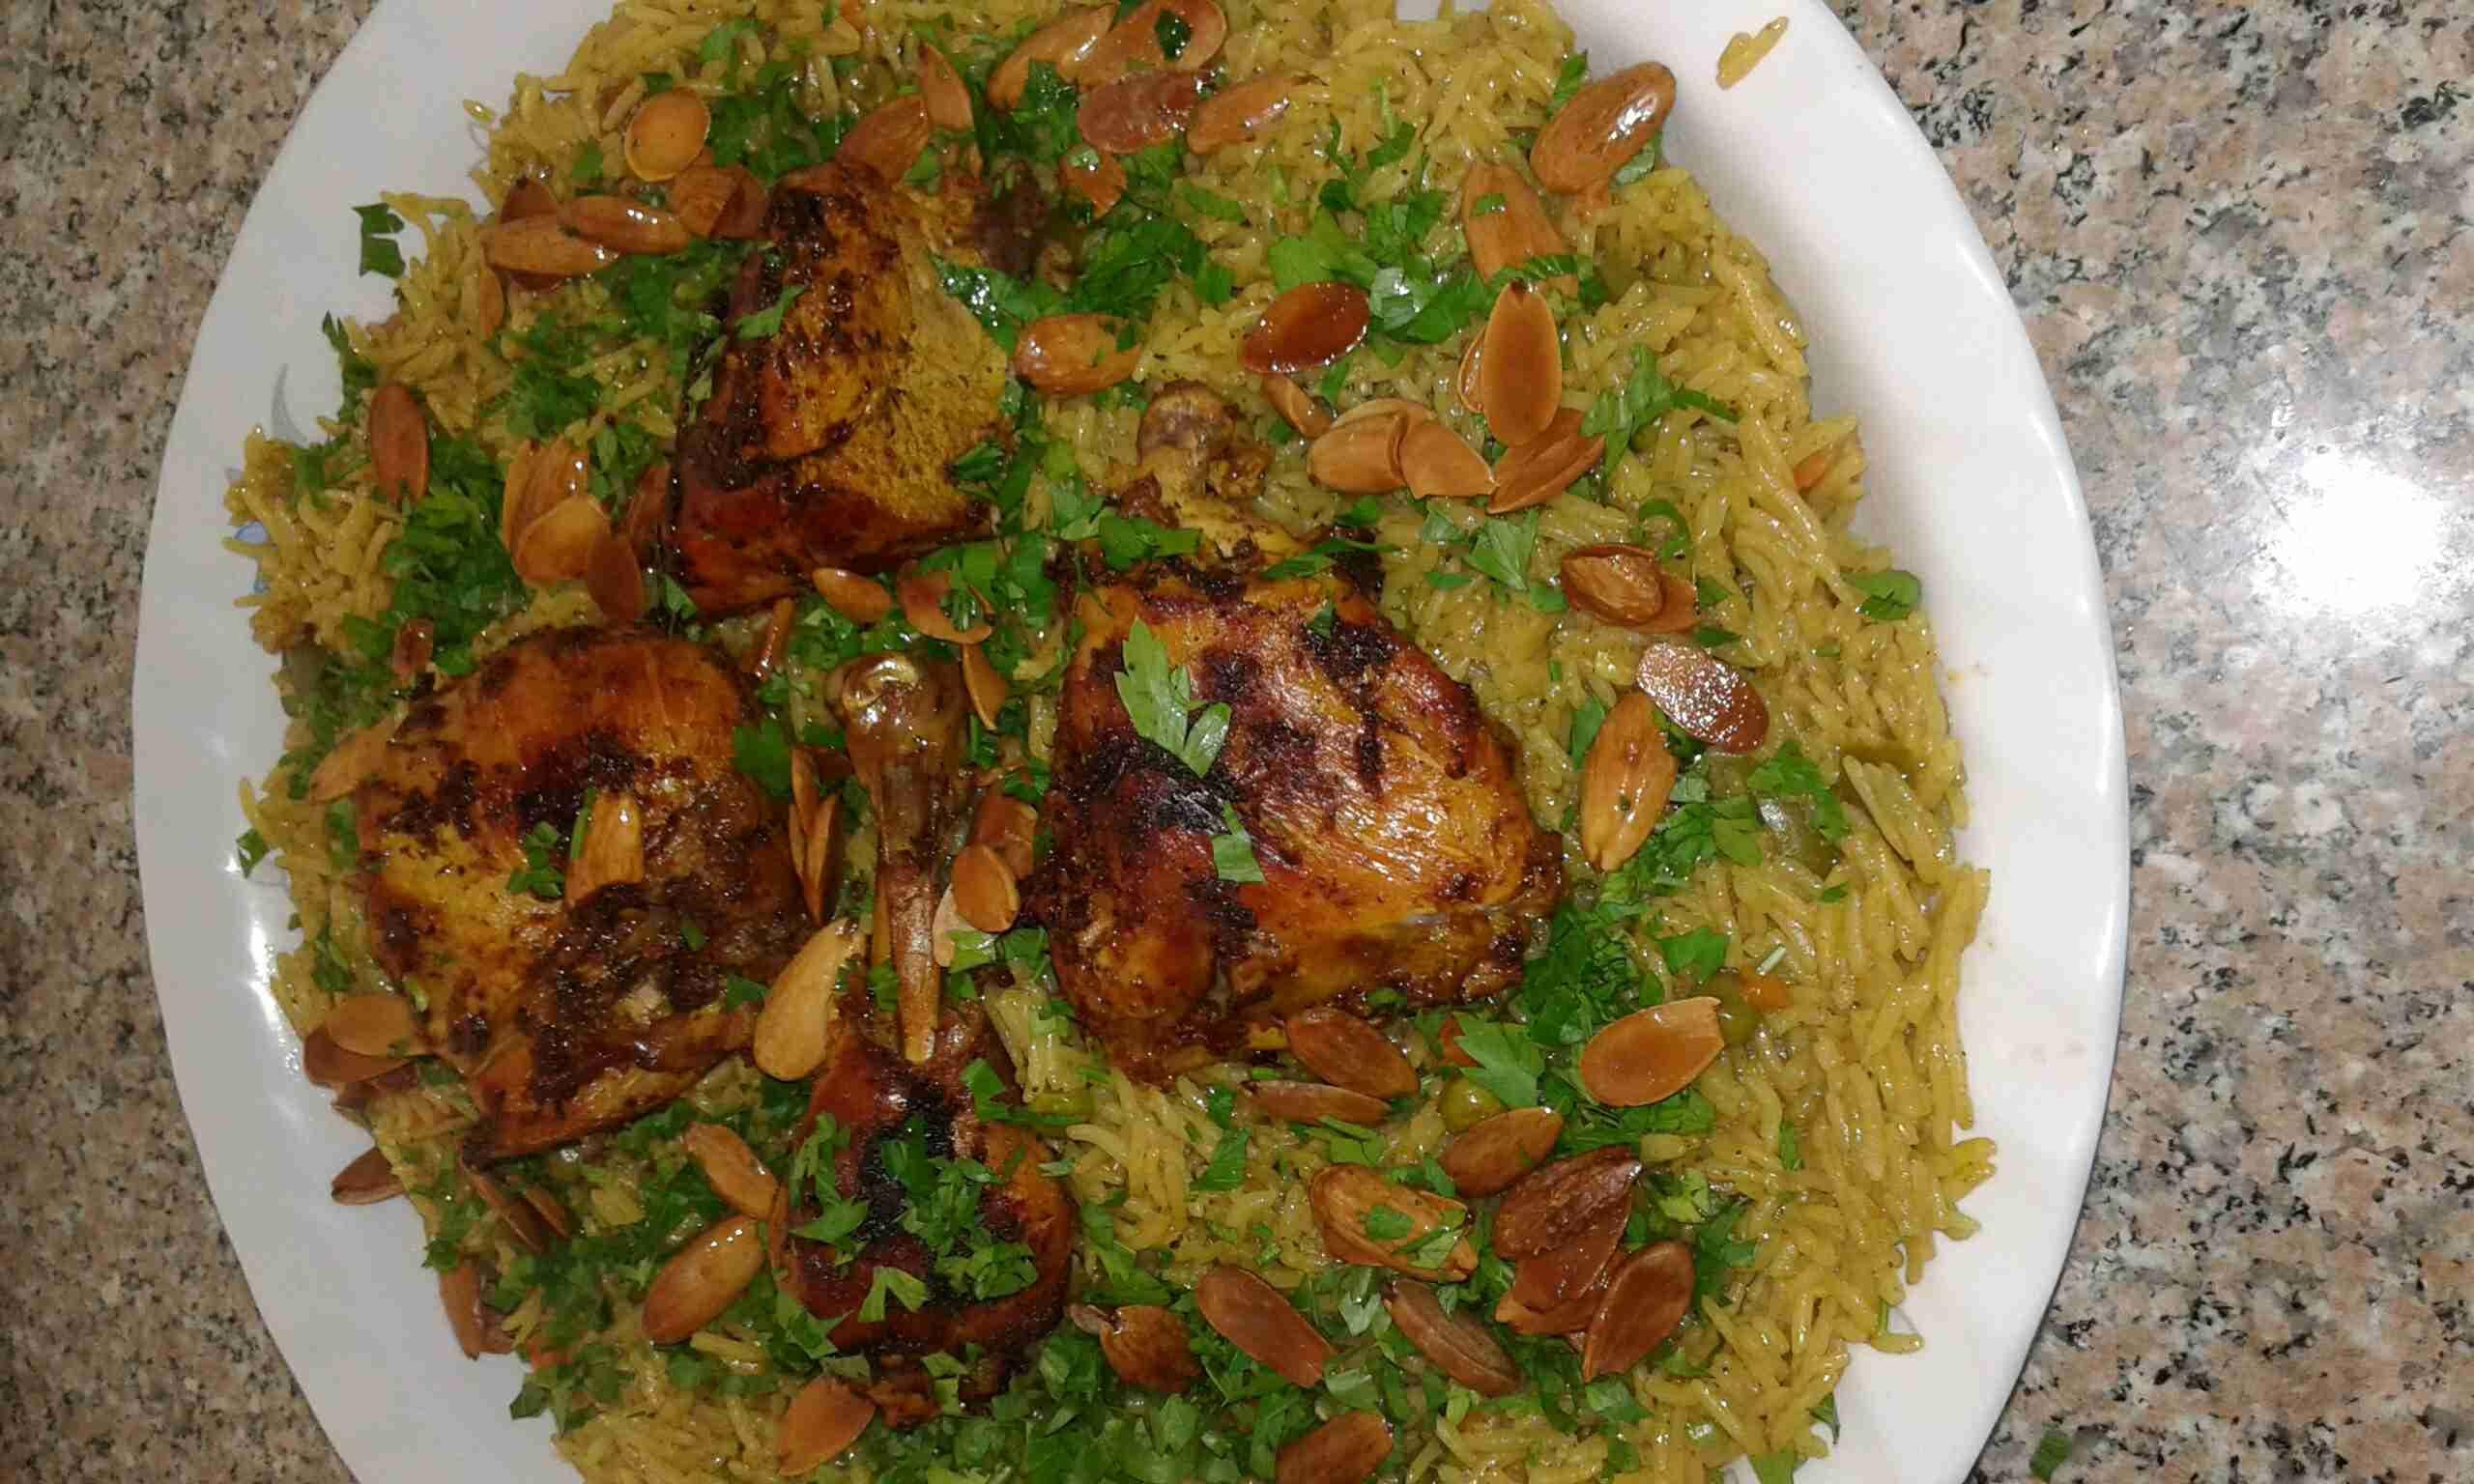 طريقة عمل الكبسة بالدجاج زاكي Main Dishes Food And Drink Food